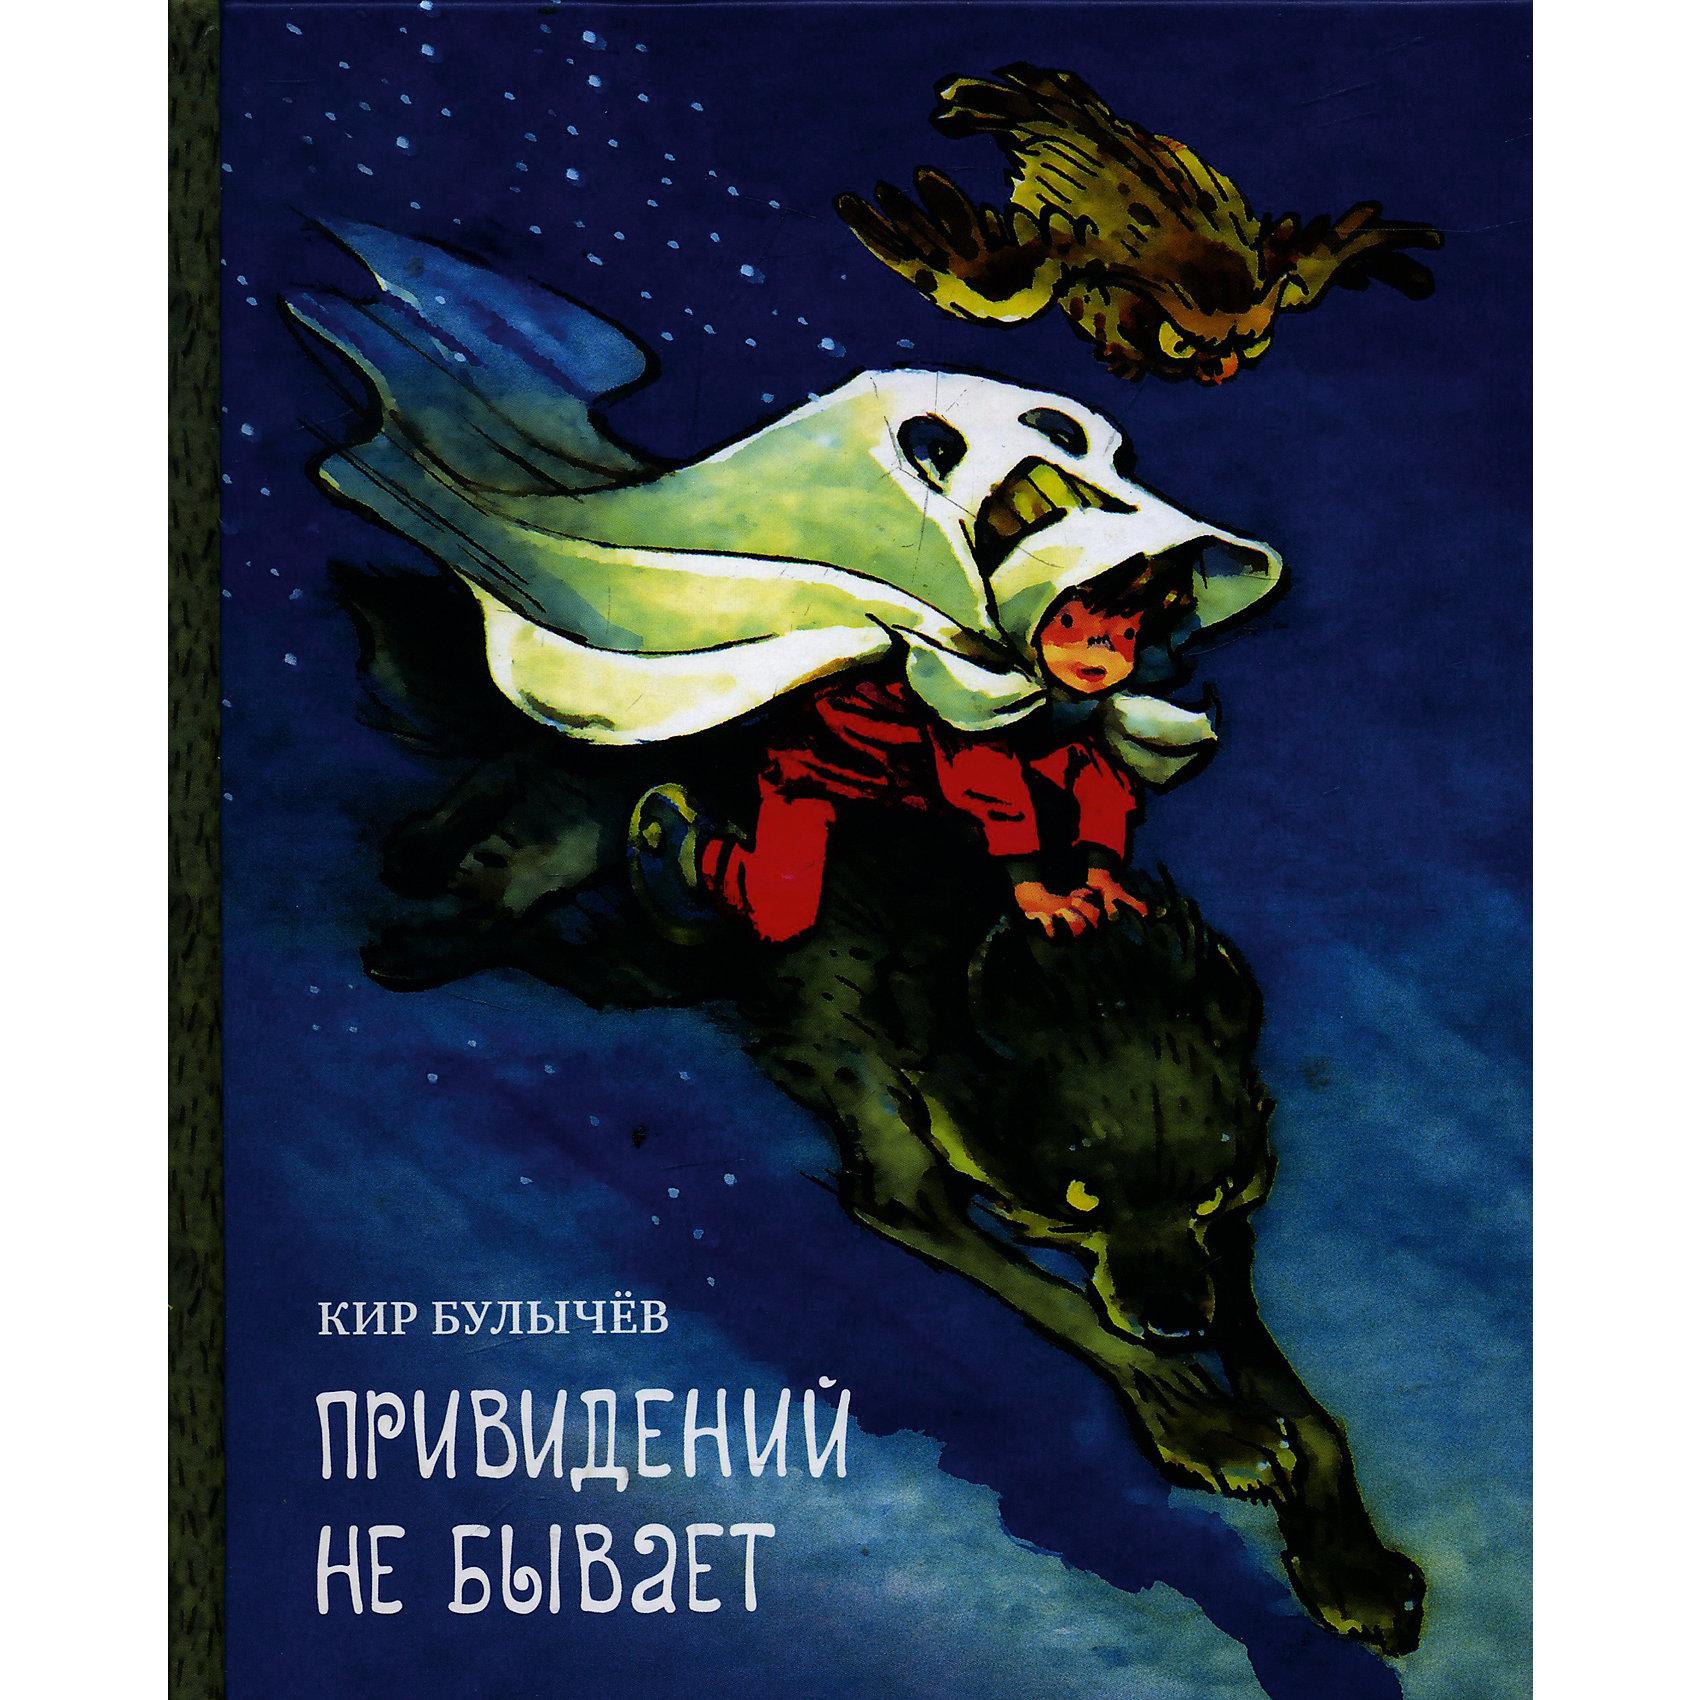 Привидений не бывает, К, Булычев